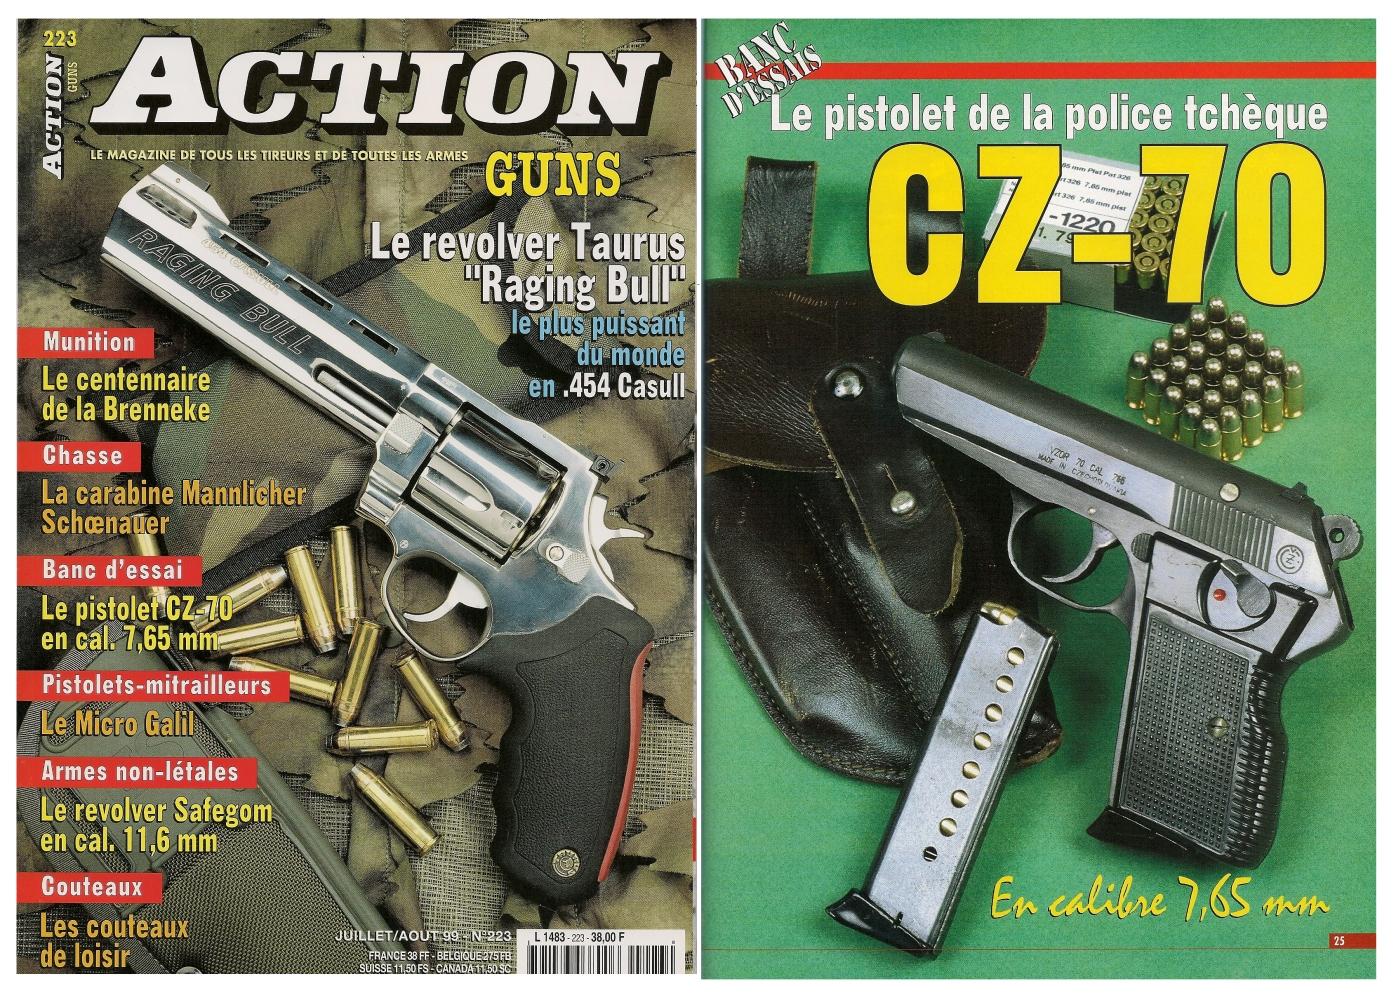 Le banc d'essai du pistolet CZ modèle 70 a été publié sur 5 pages dans le n°223 (juillet/août 1999) du magazine Action Guns.